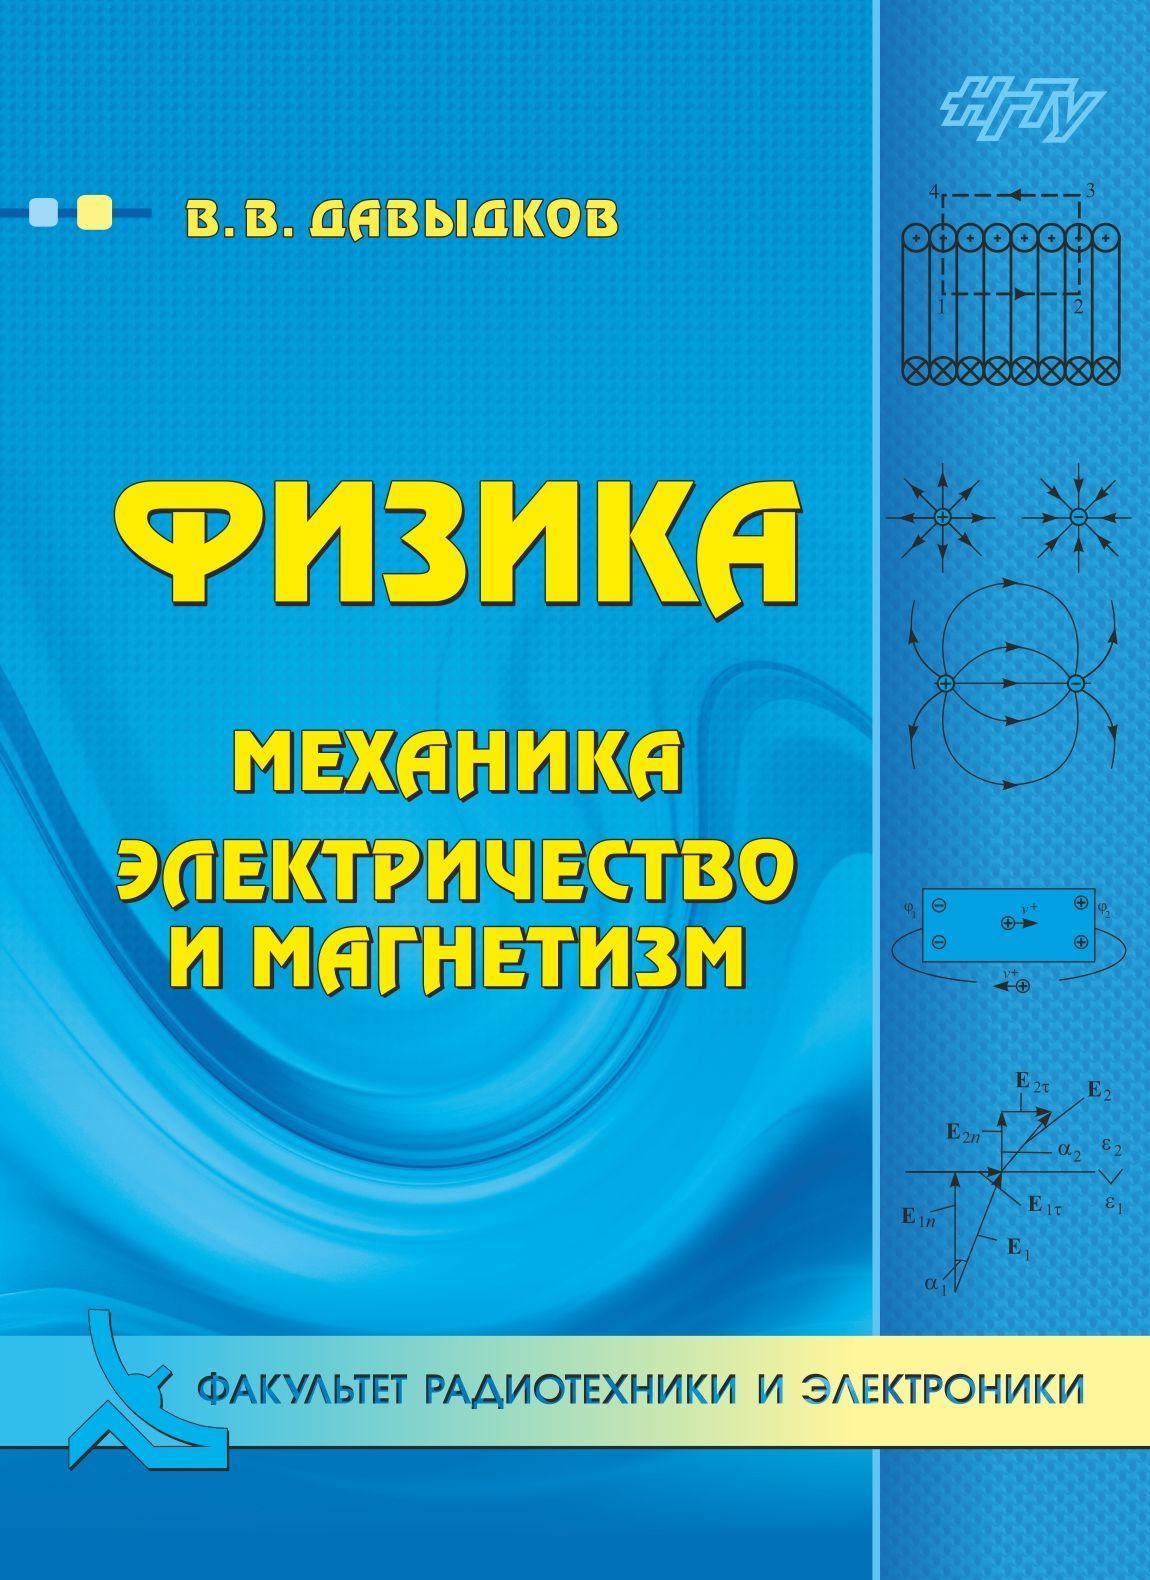 Владимир Викторович Давыдков Физика. Механика, электричество и магнетизм рунов владимир викторович мартышка